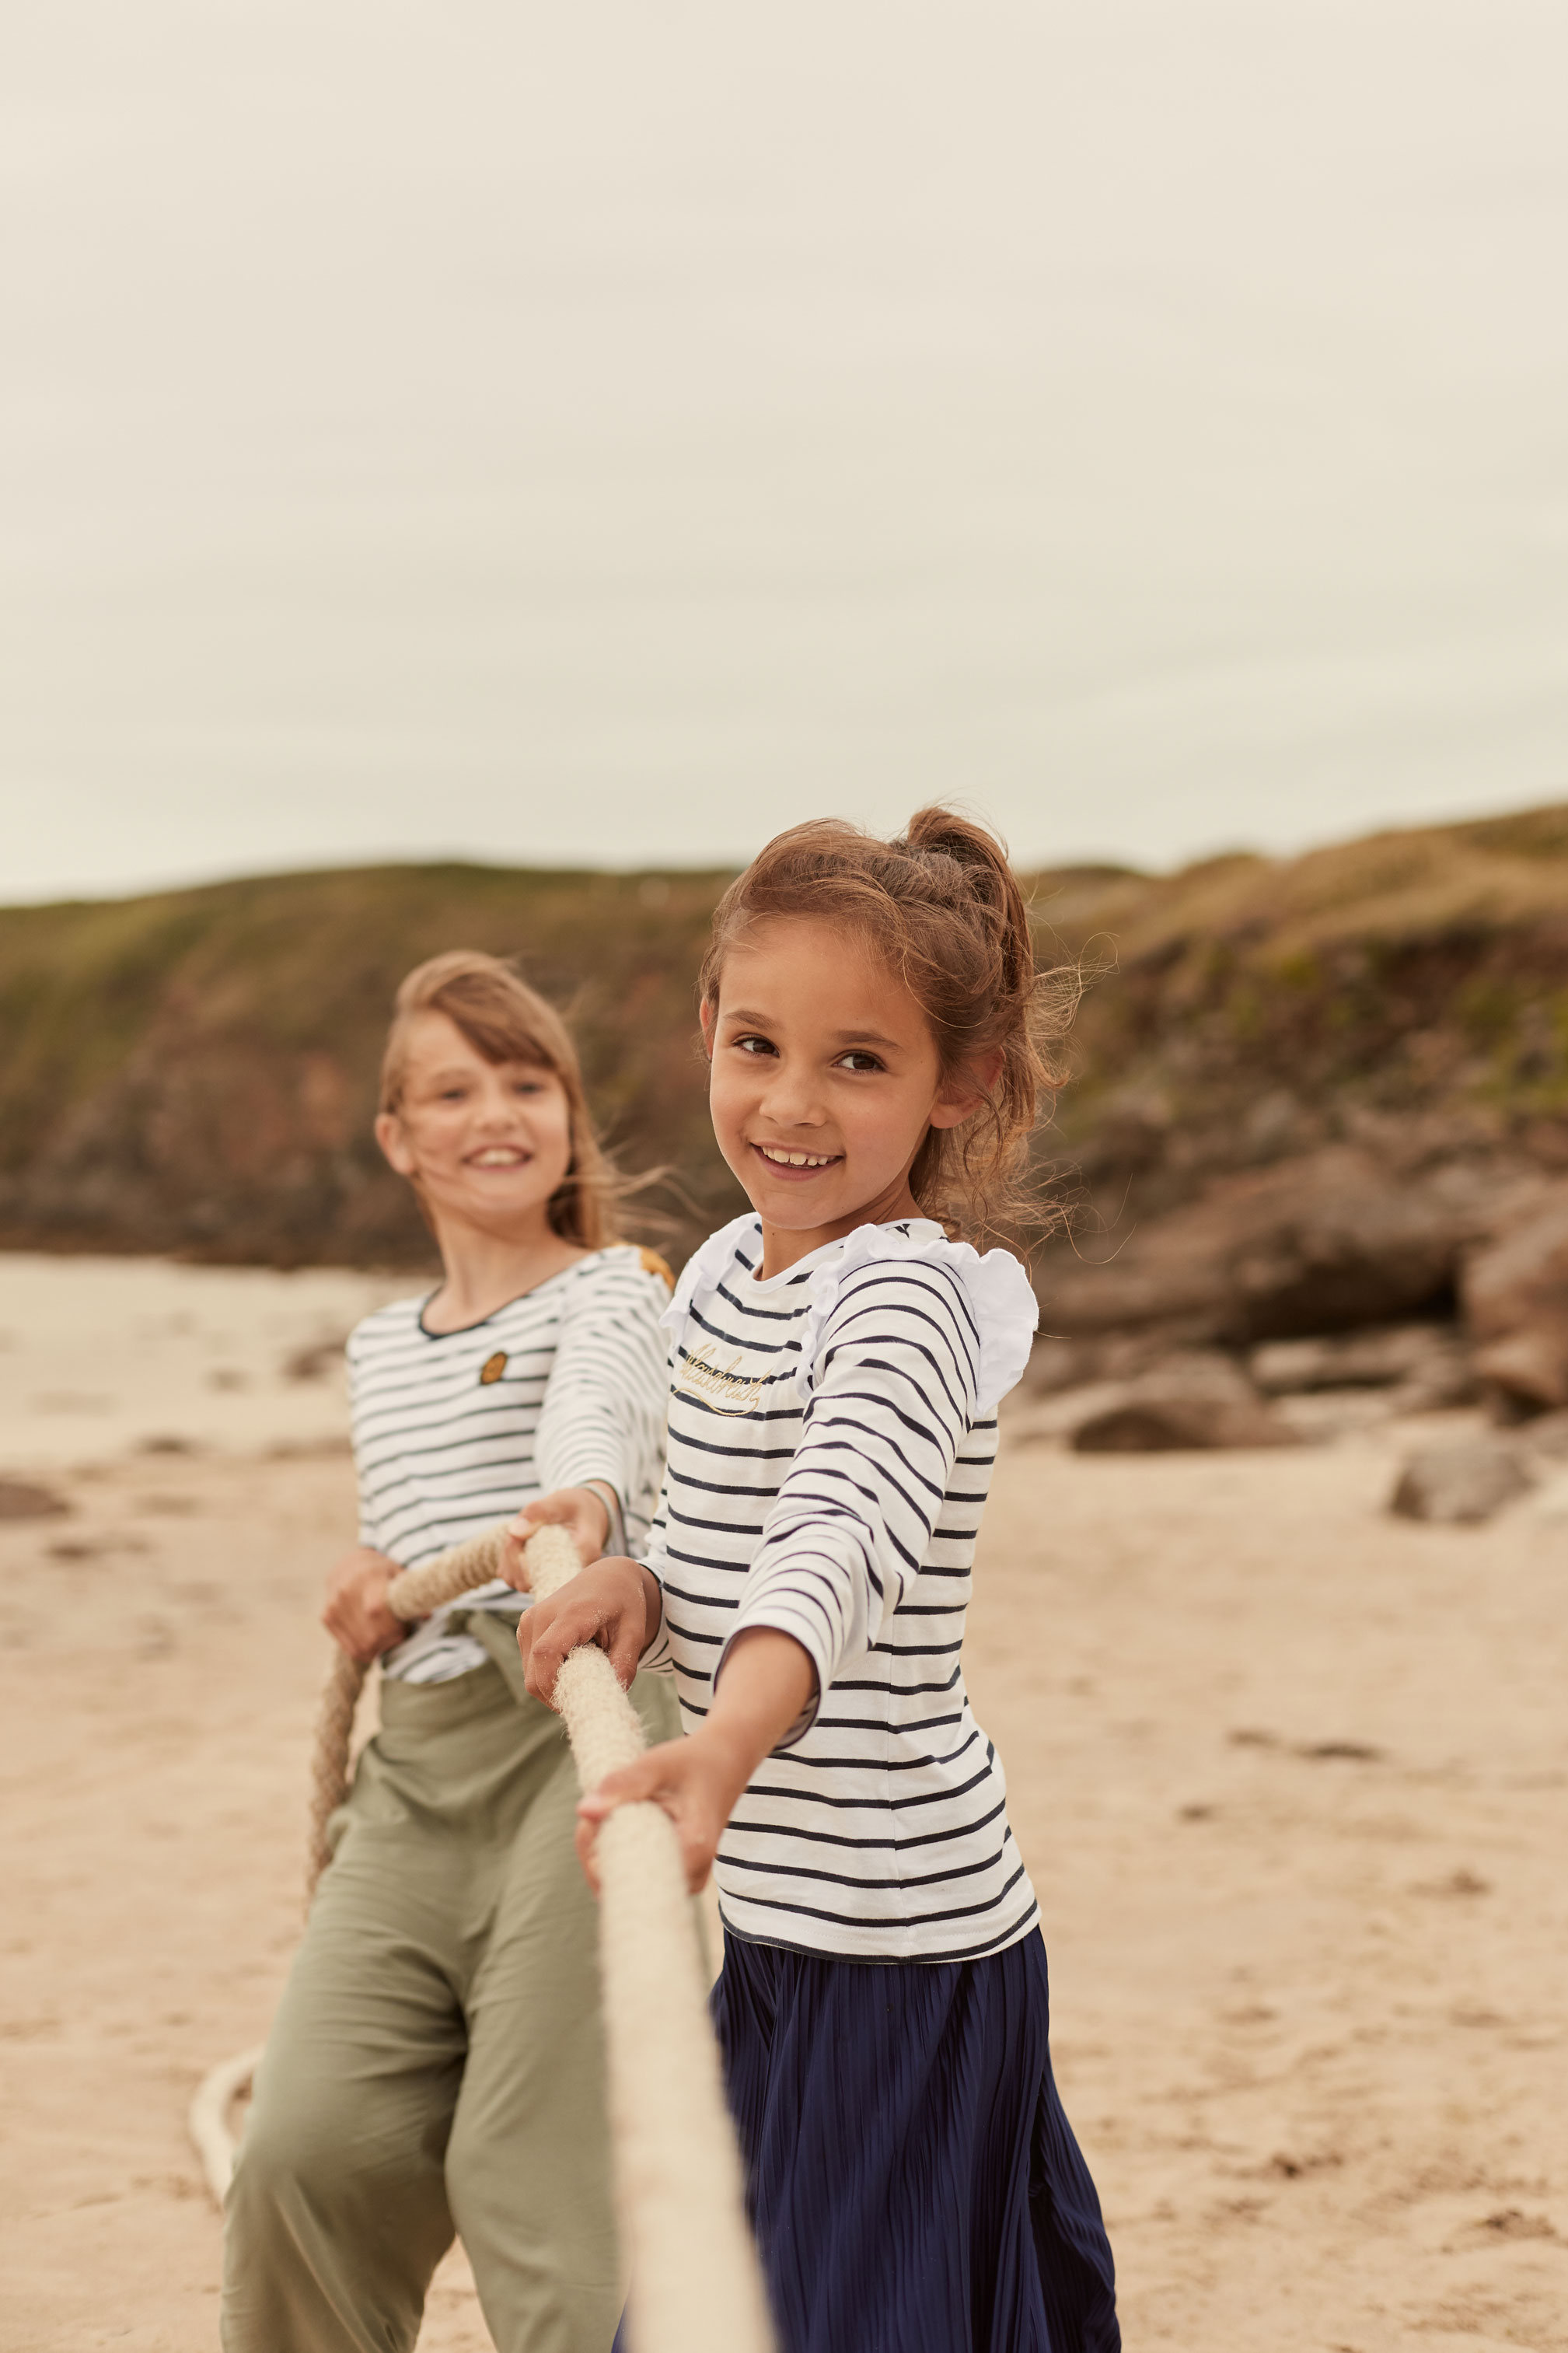 photographe famille et mode pour l'entreprise a l'aise breizh en Bretagne